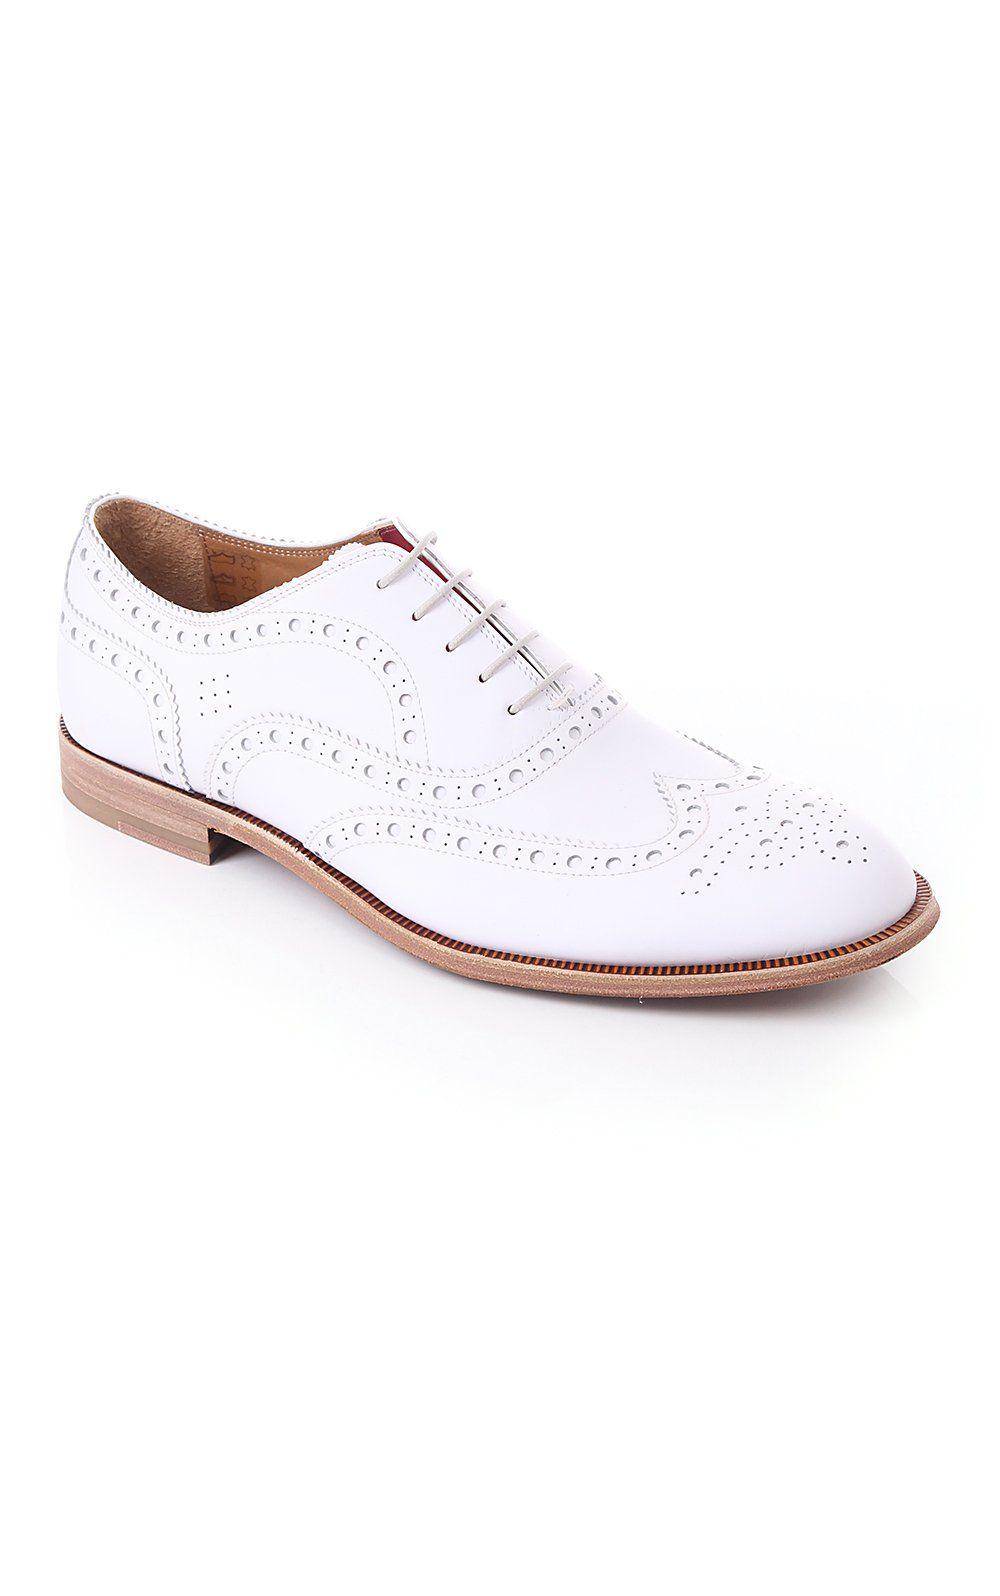 Paul Smith Shoe Mens Paul Smith Shoe